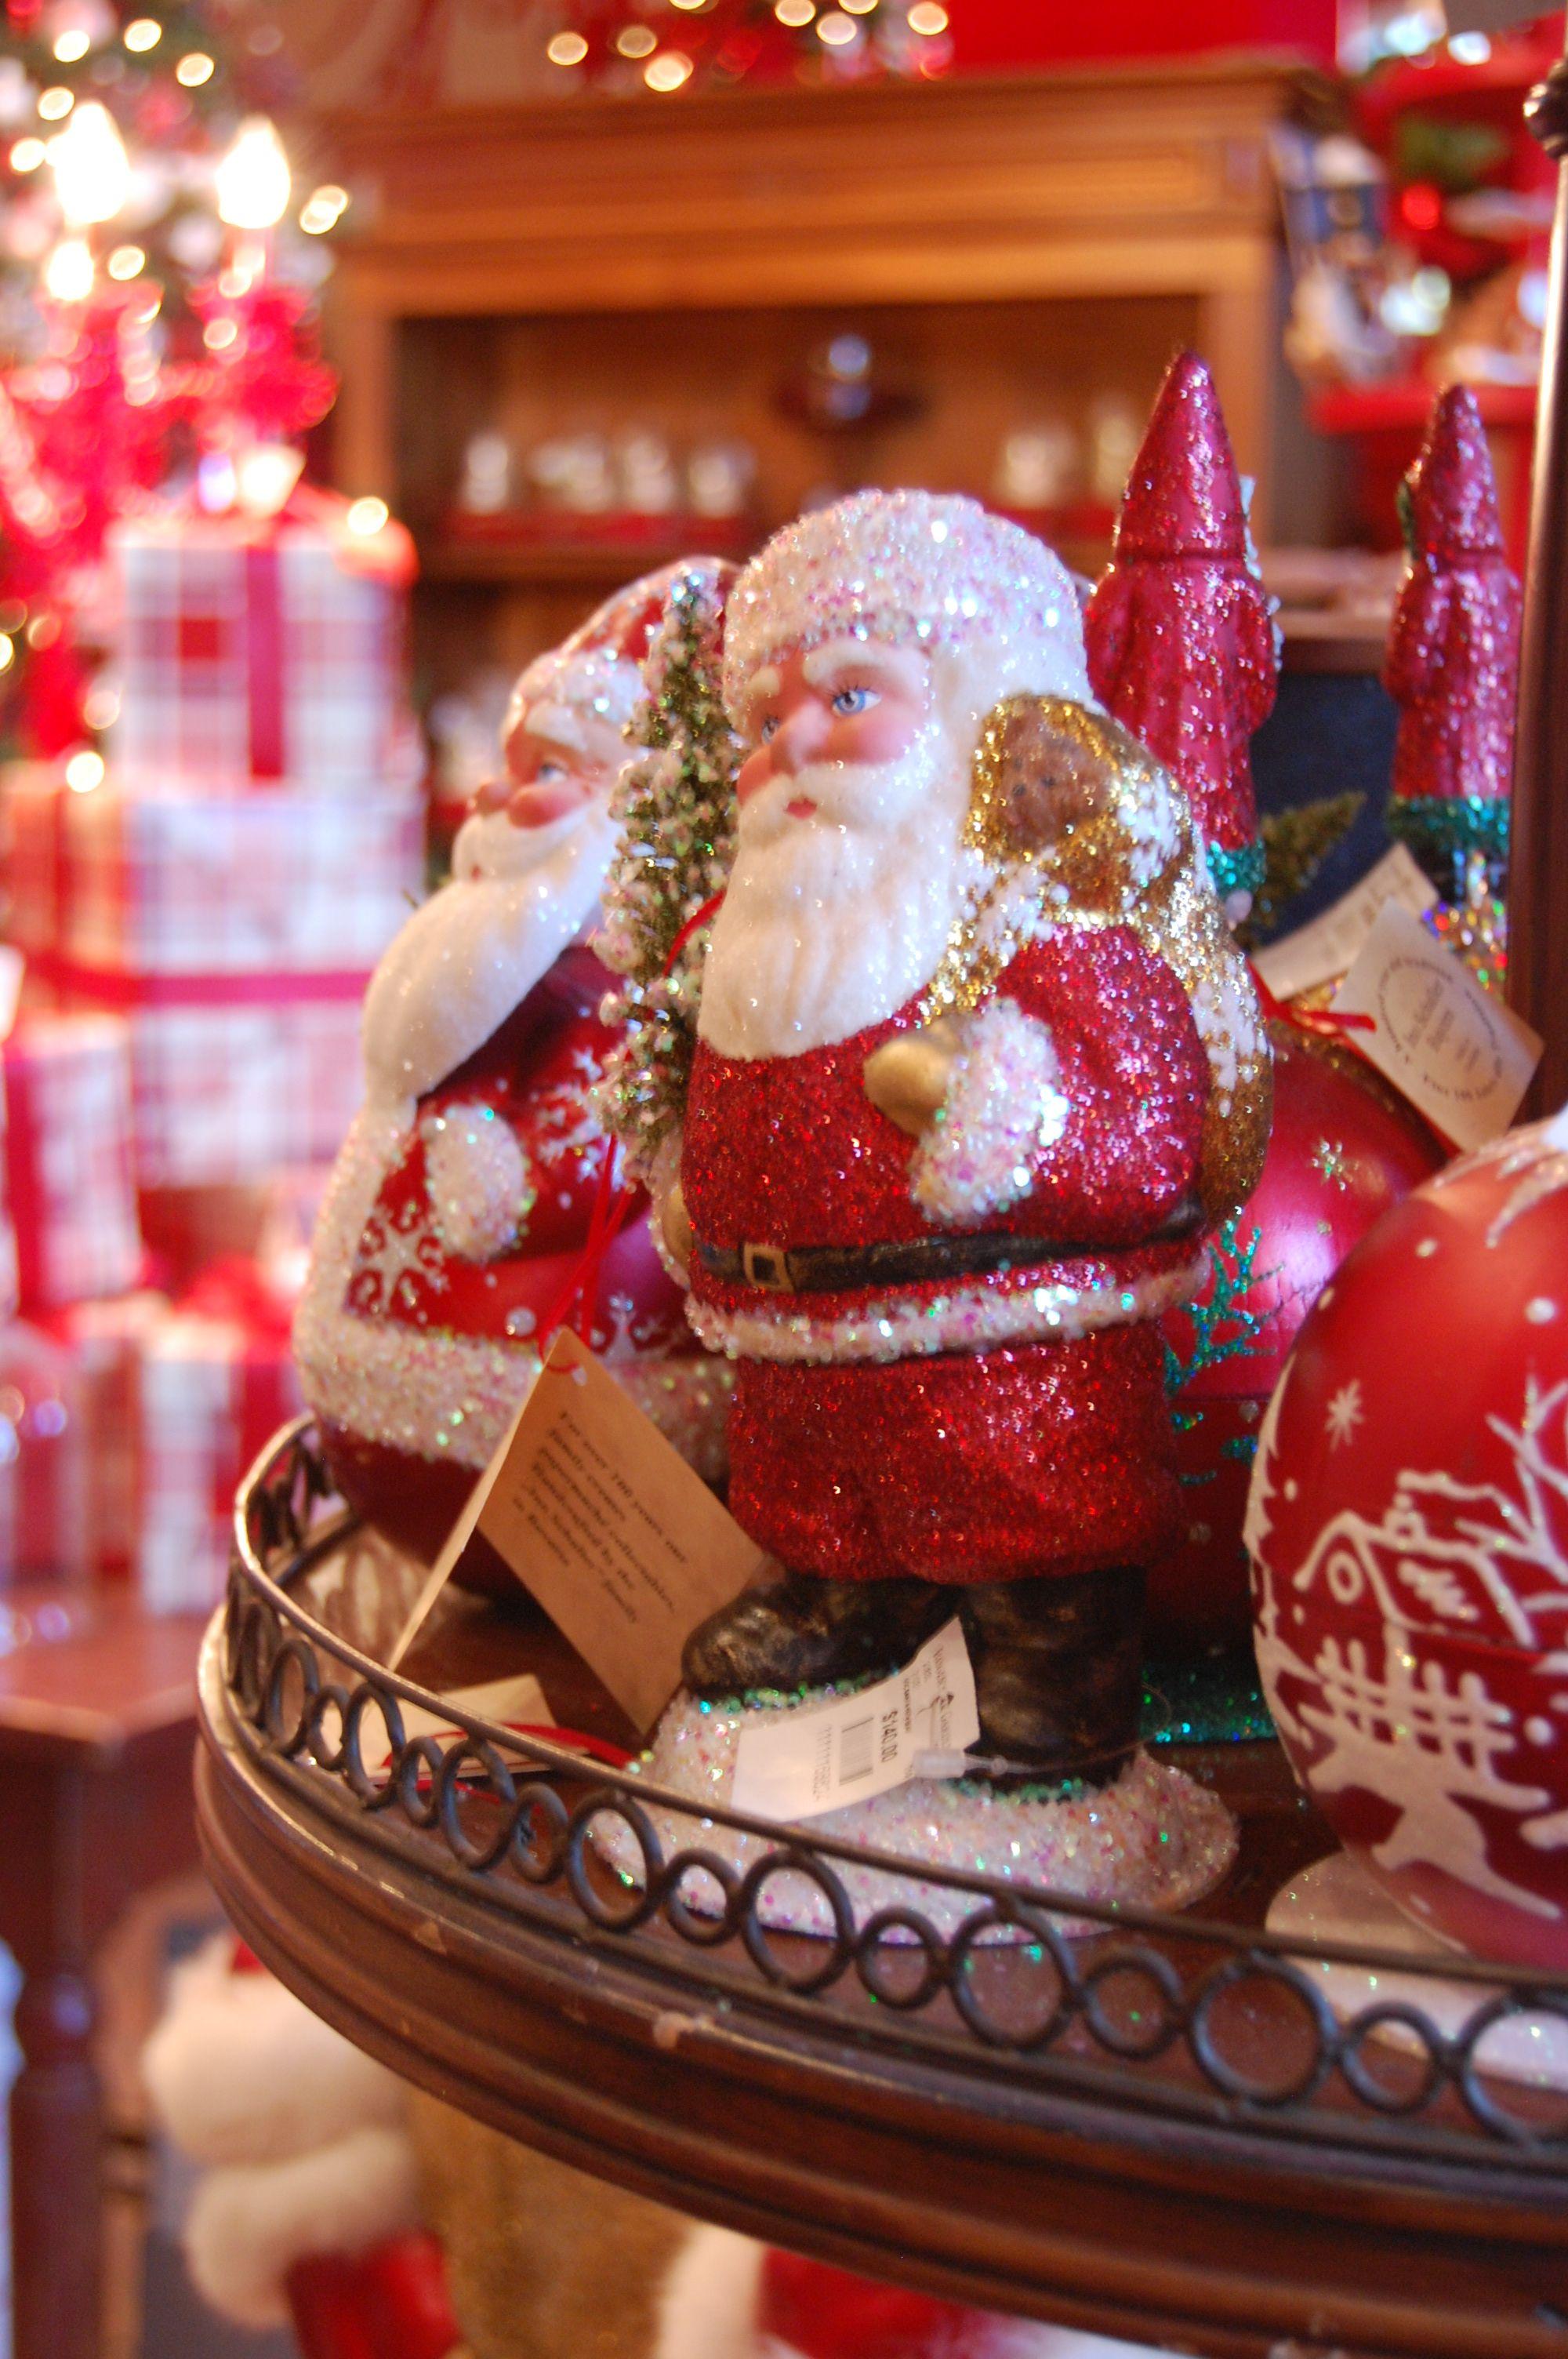 10c12d2059b0bf73f0ad13f6b58753ac - When Does Rogers Gardens Decorated For Christmas